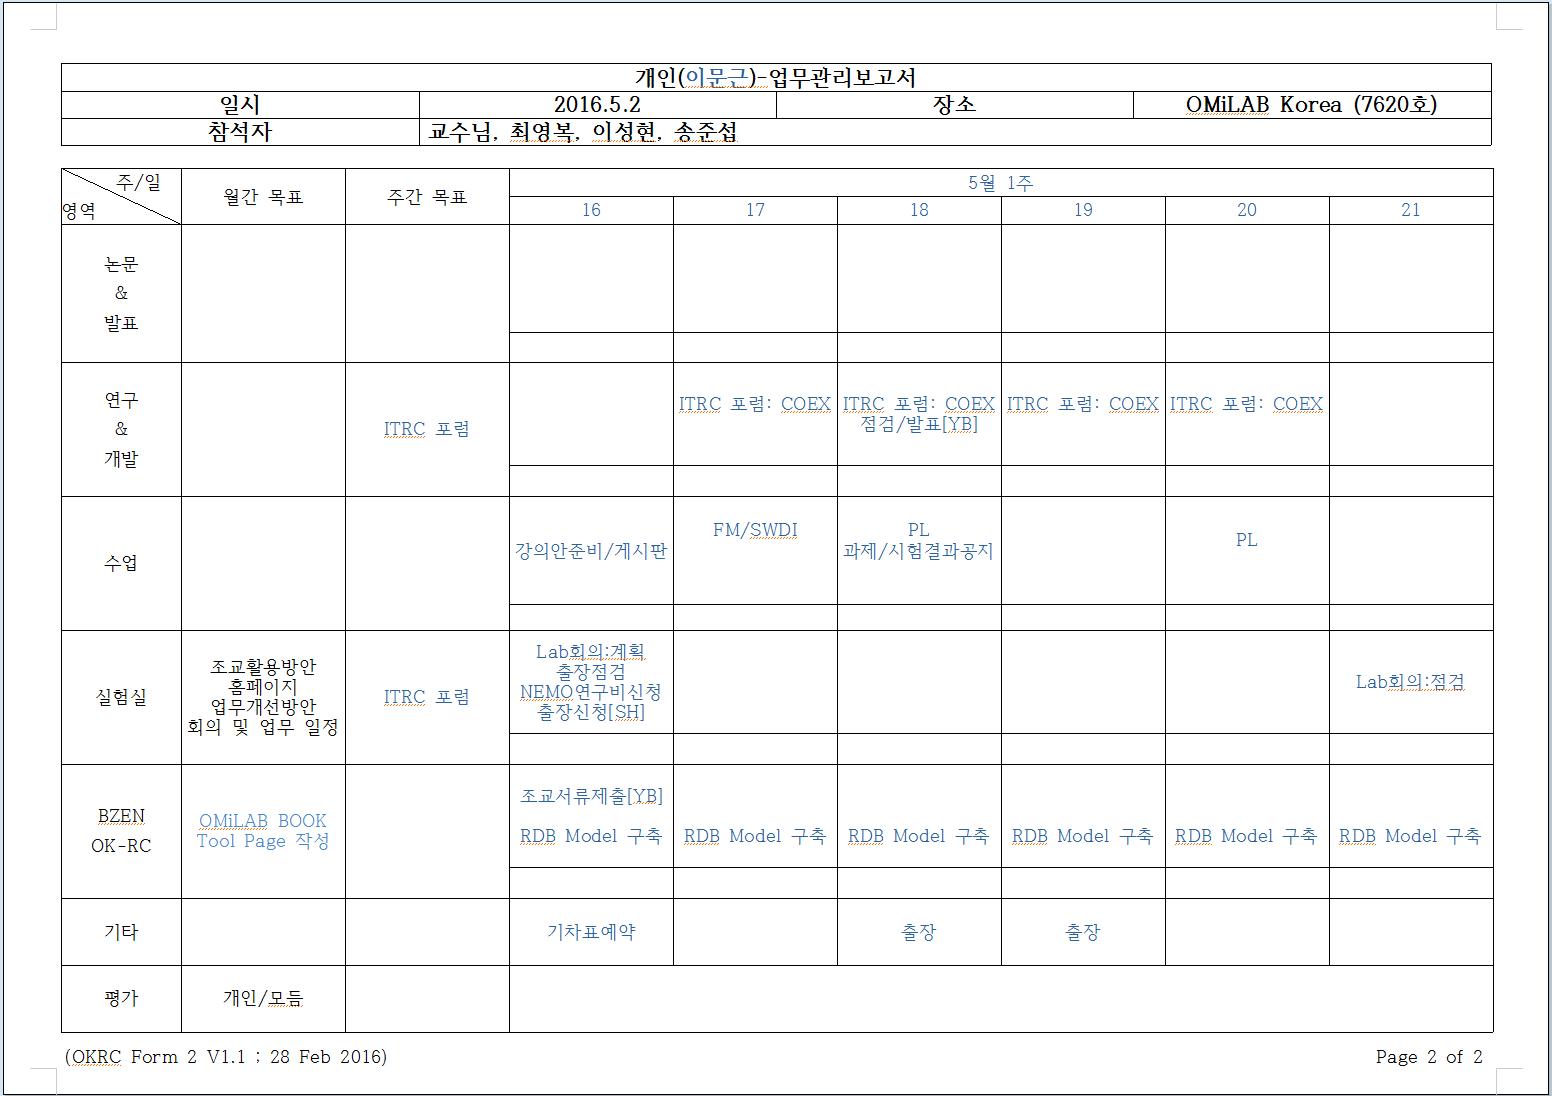 plan-MK-p2.png